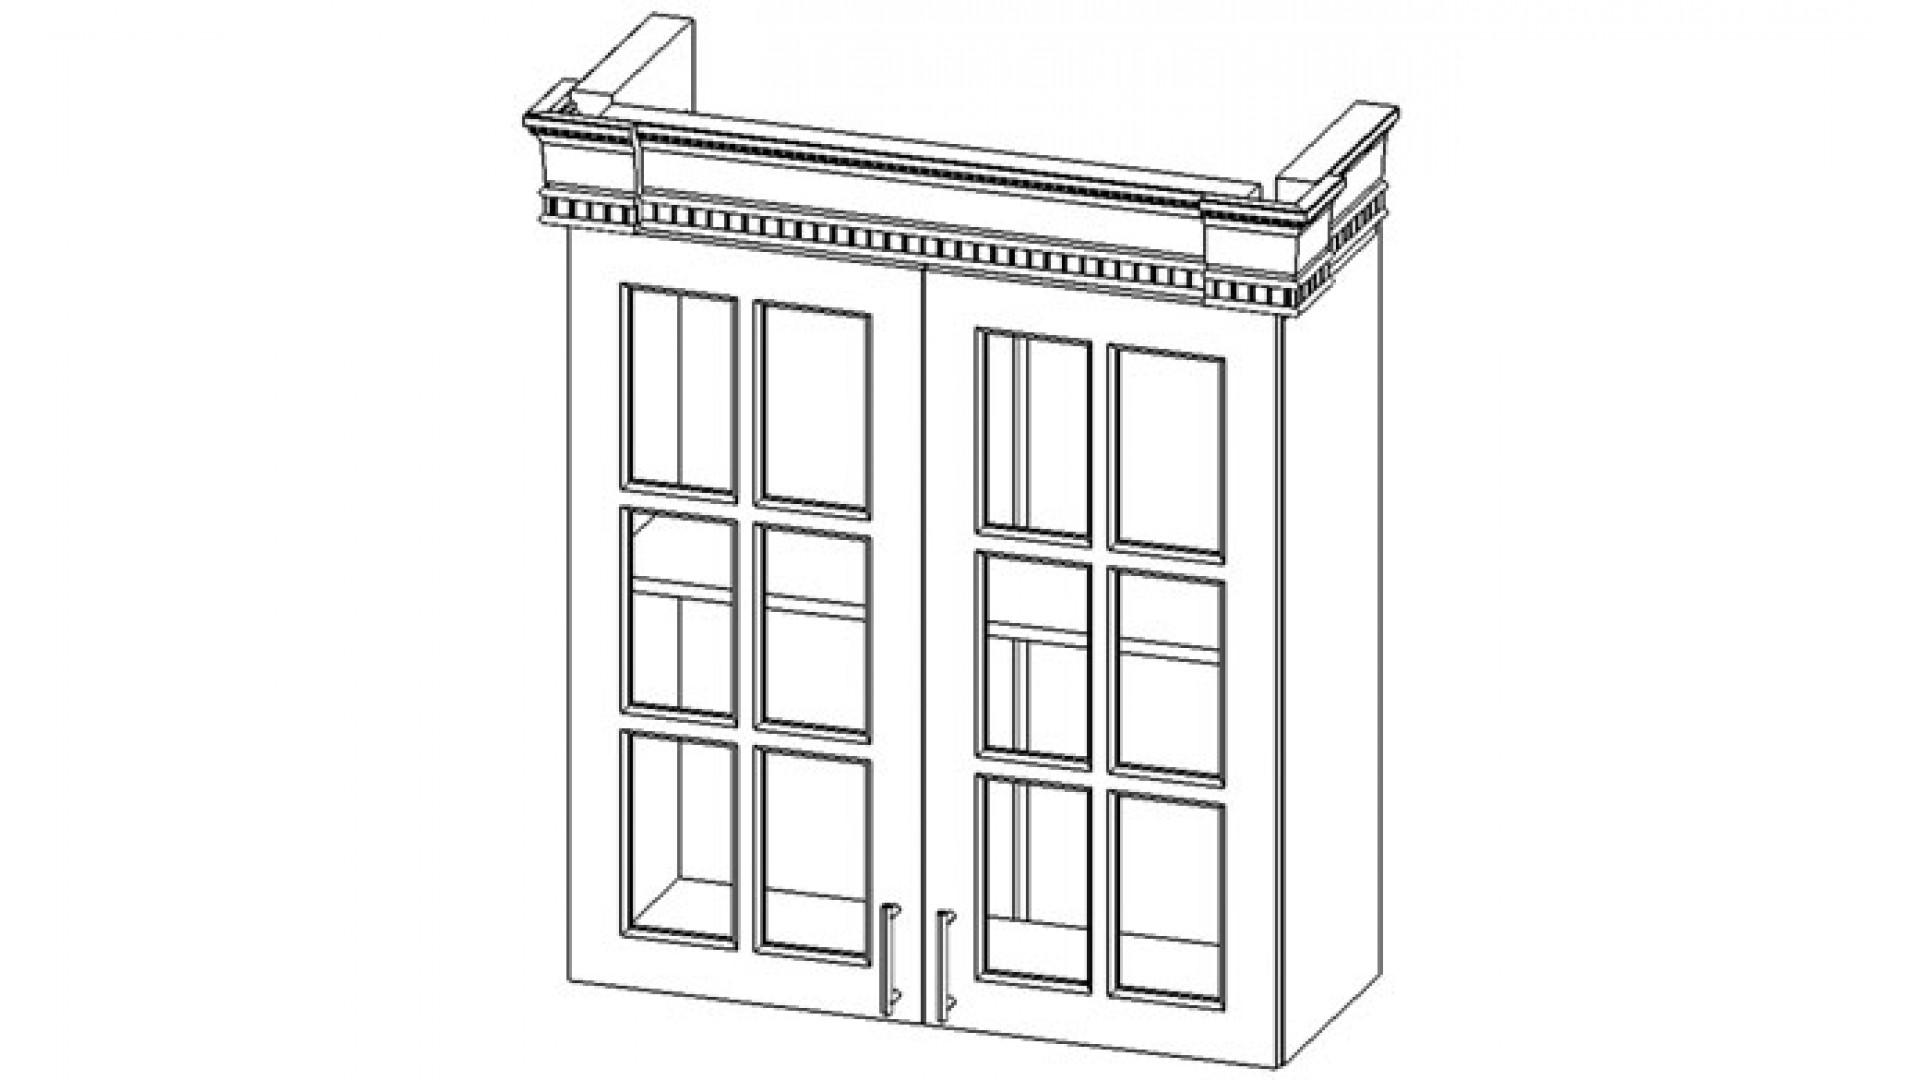 Верона секция навесная 2-створчатая с полкой, фасад со стеклом крем глянец